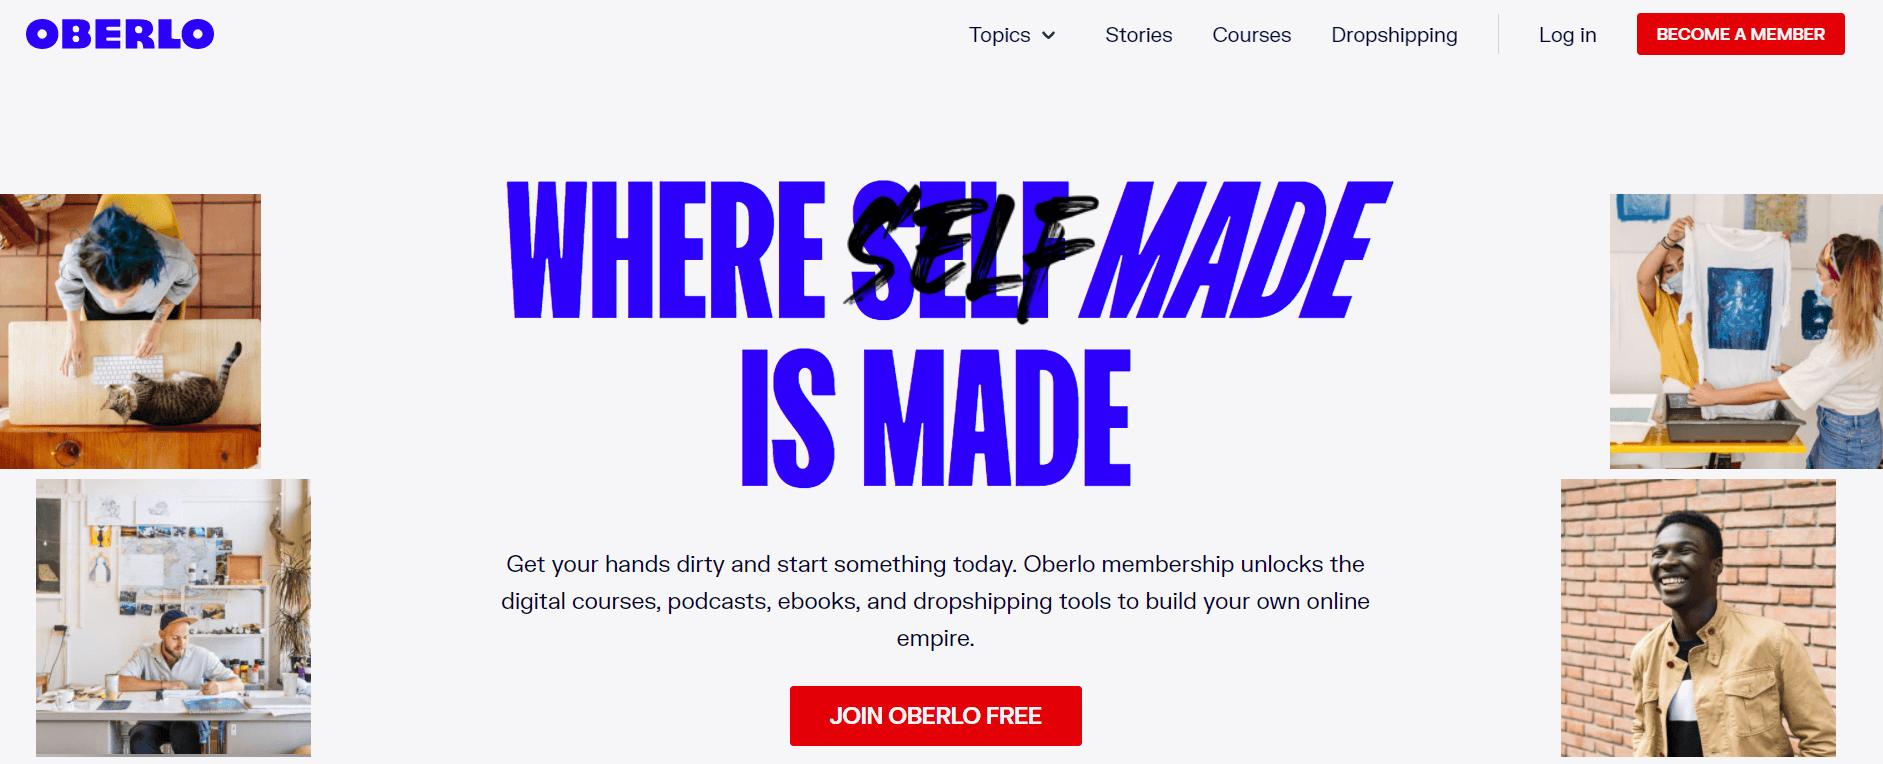 oberlo website